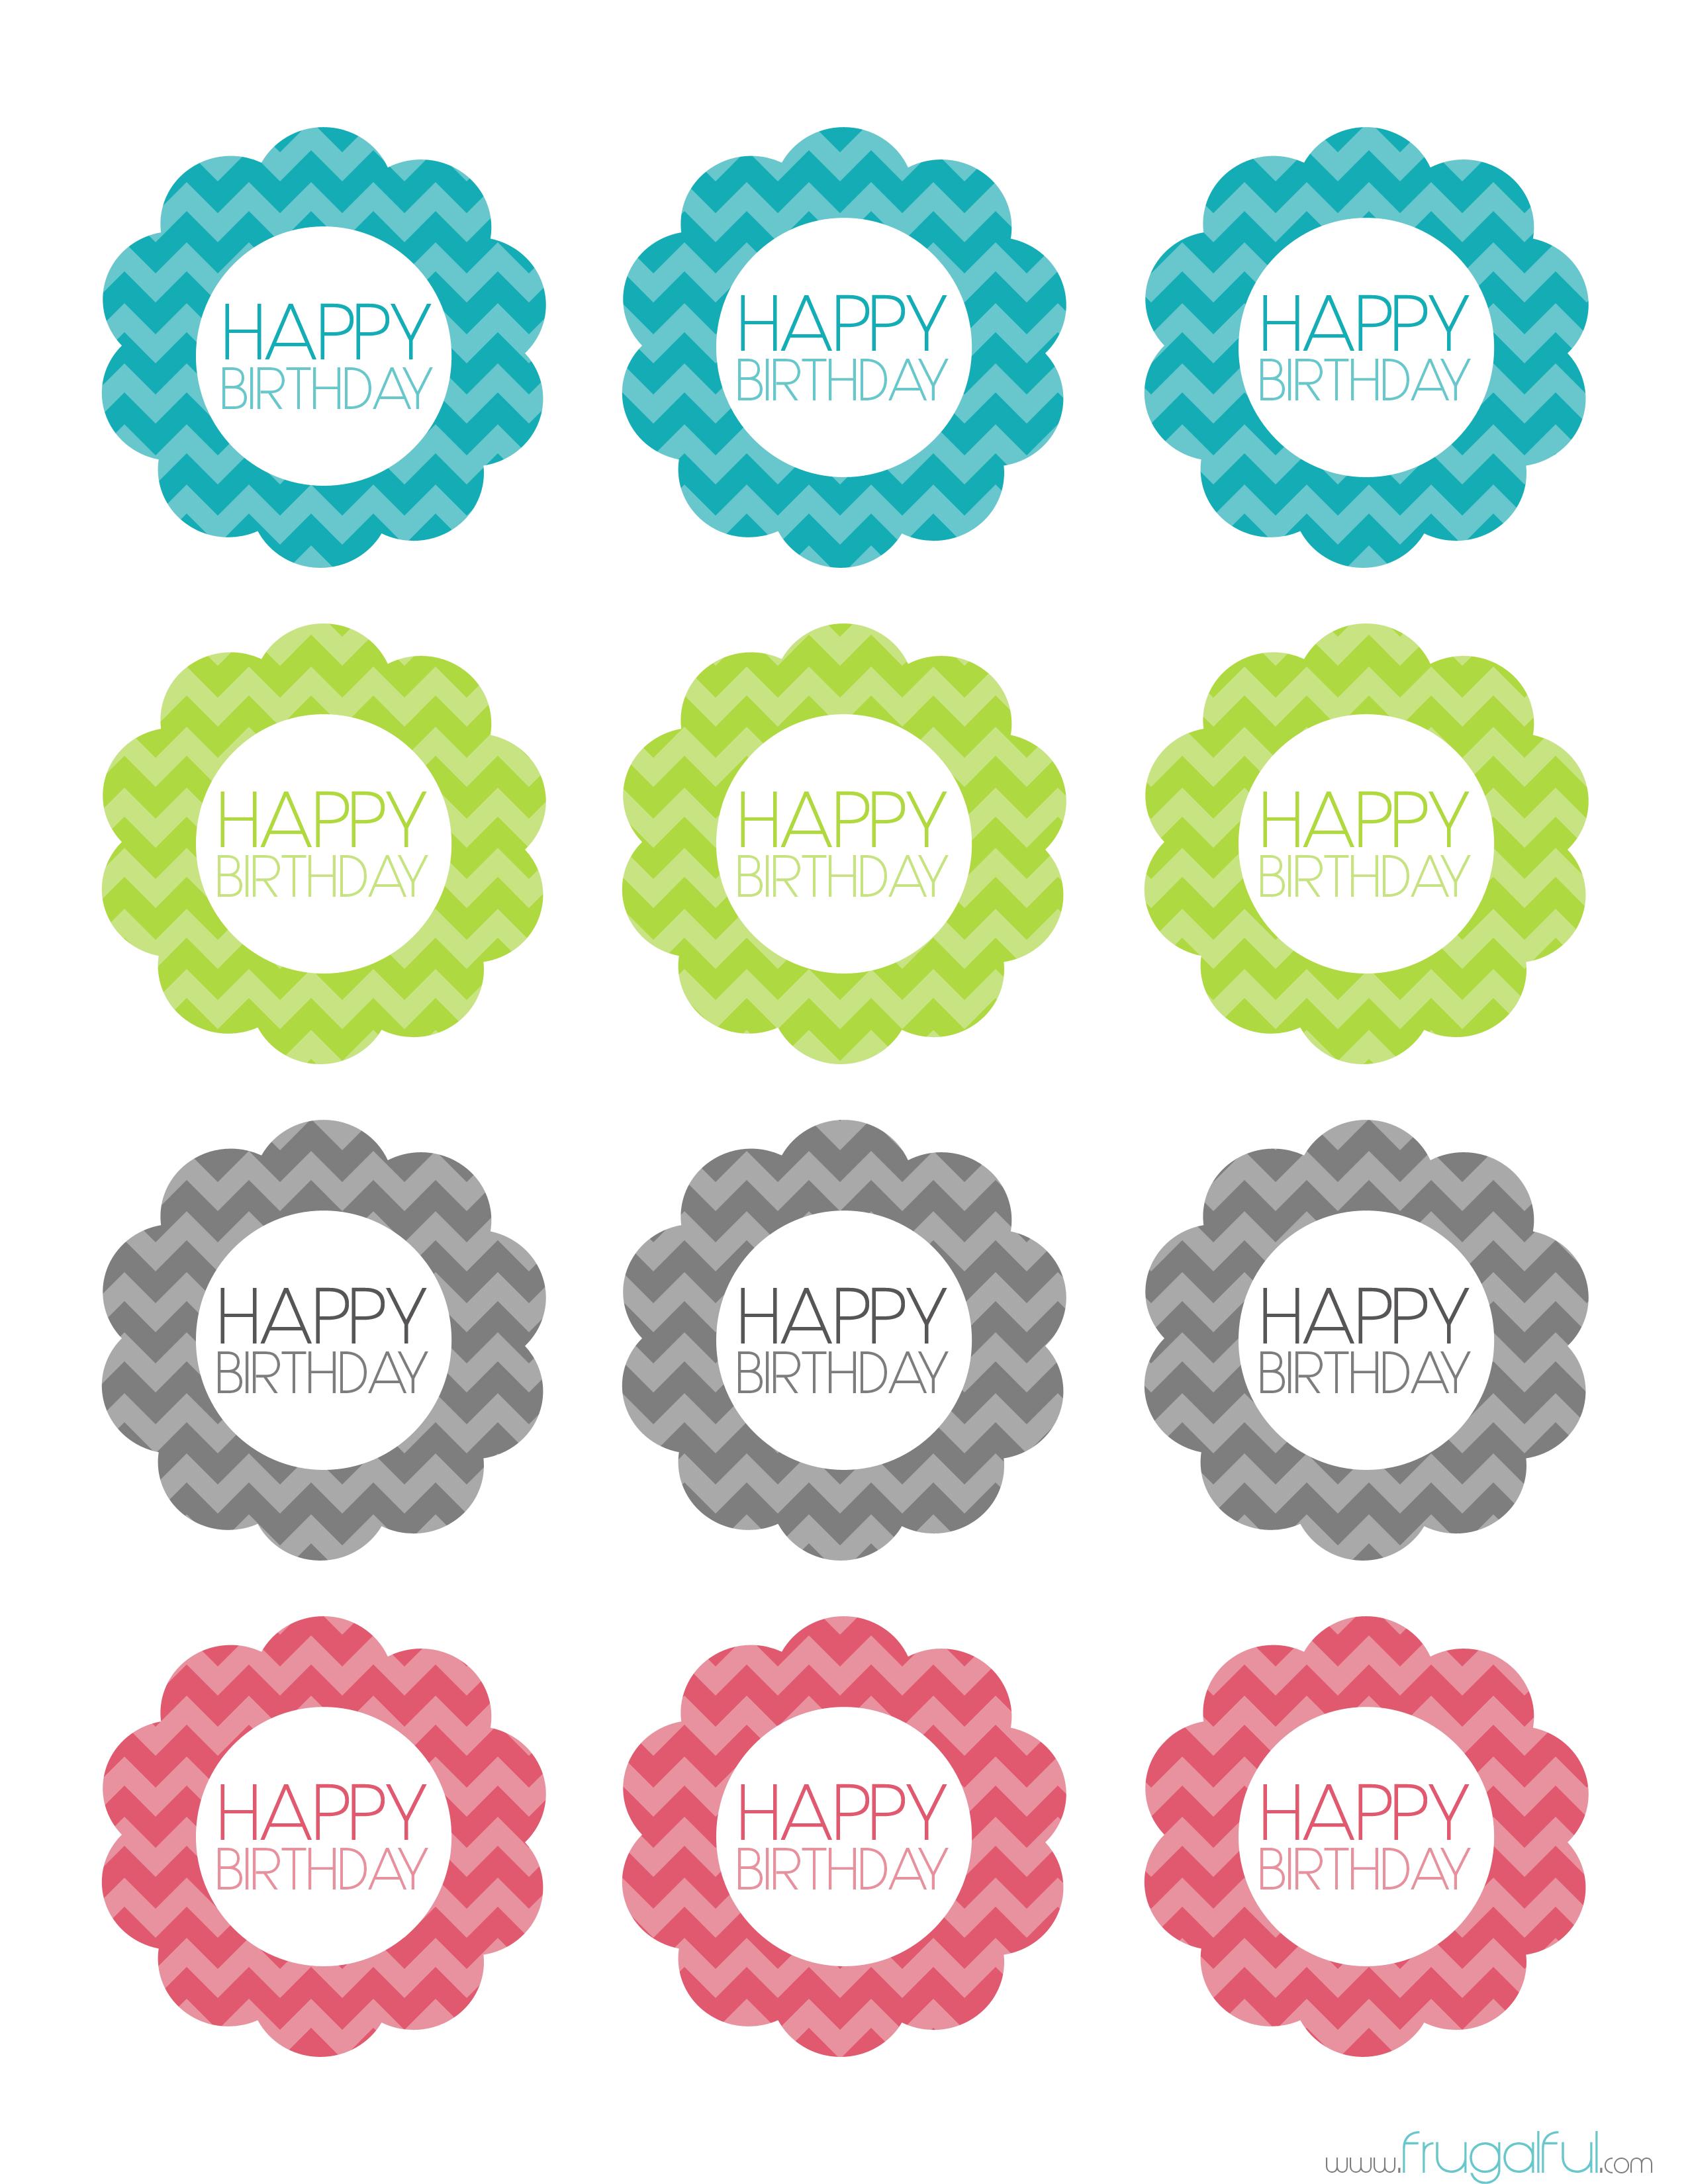 Free Printable Chevron Birthday Cupcake Topper Cakepins - Free Printable Barbie Cupcake Toppers